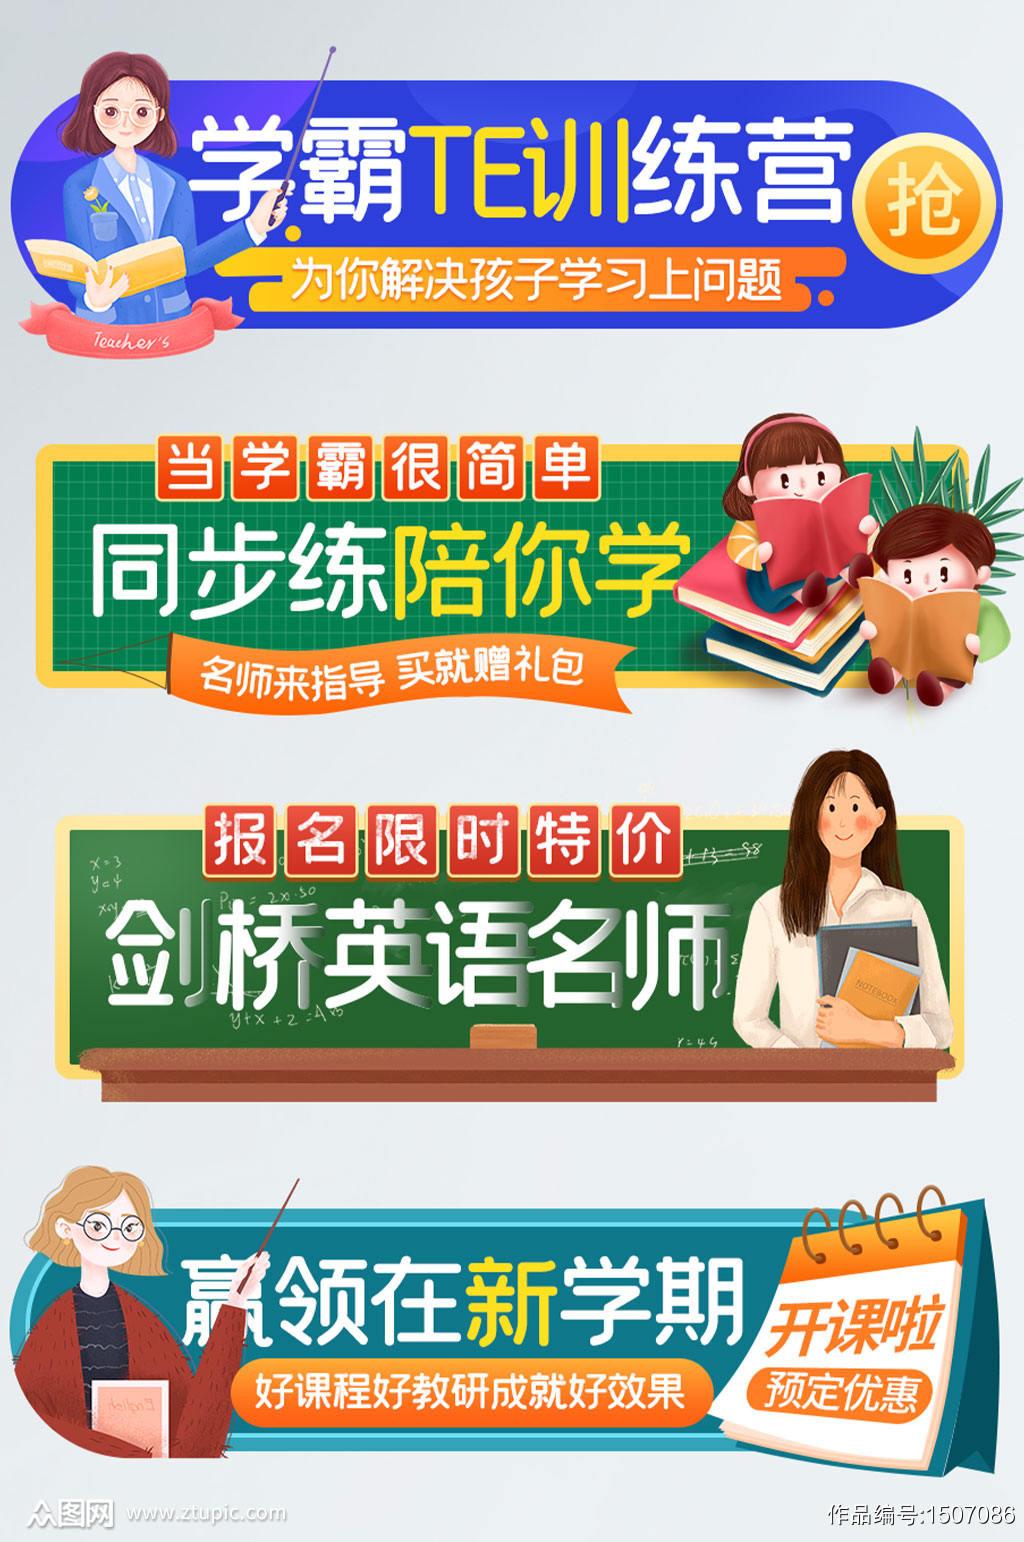 教育行业促销胶囊banner素材